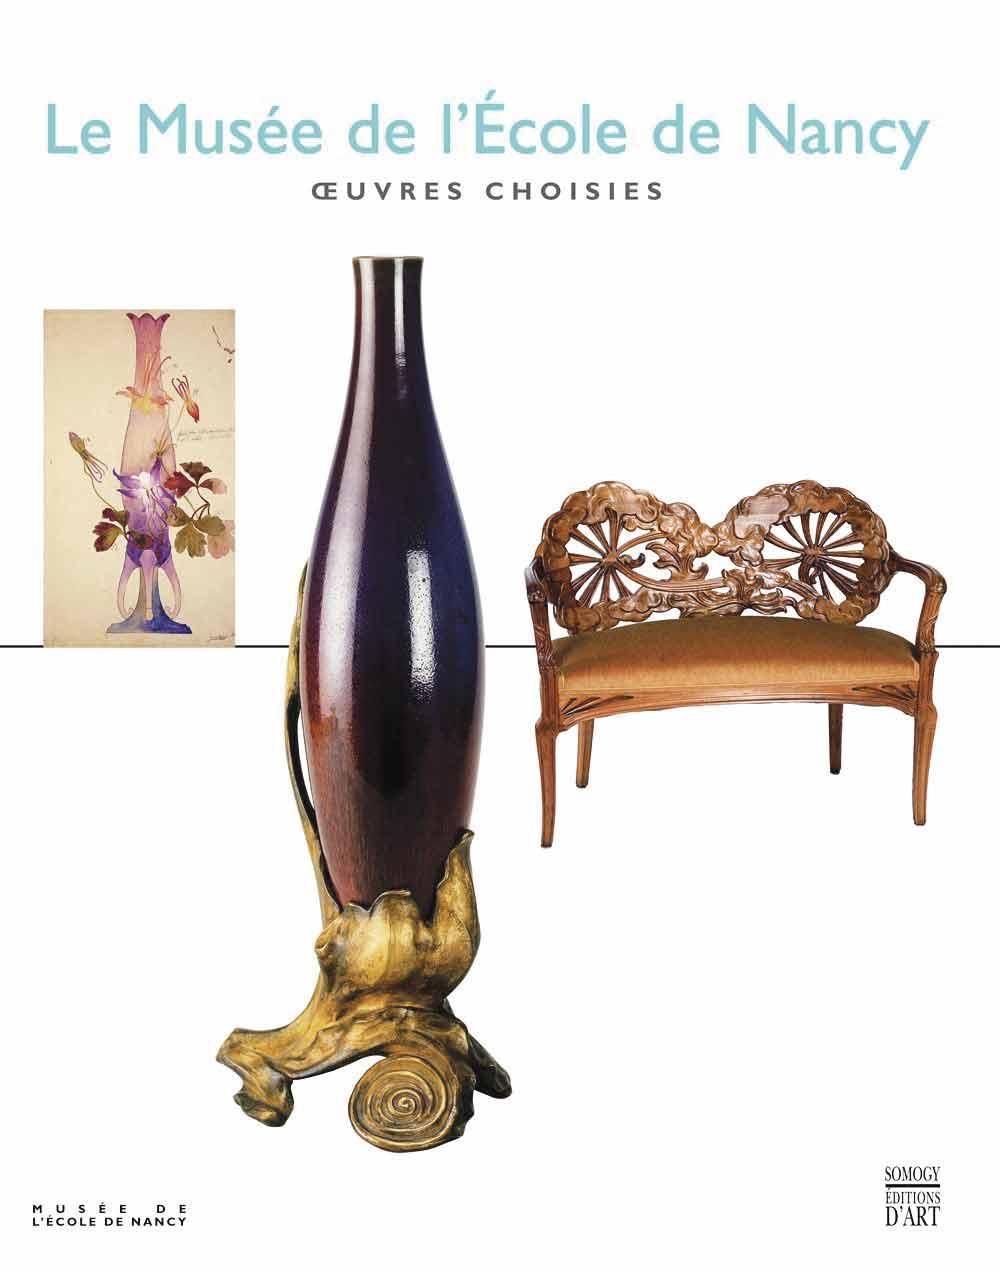 Musée-de-l'école-de-Nancy